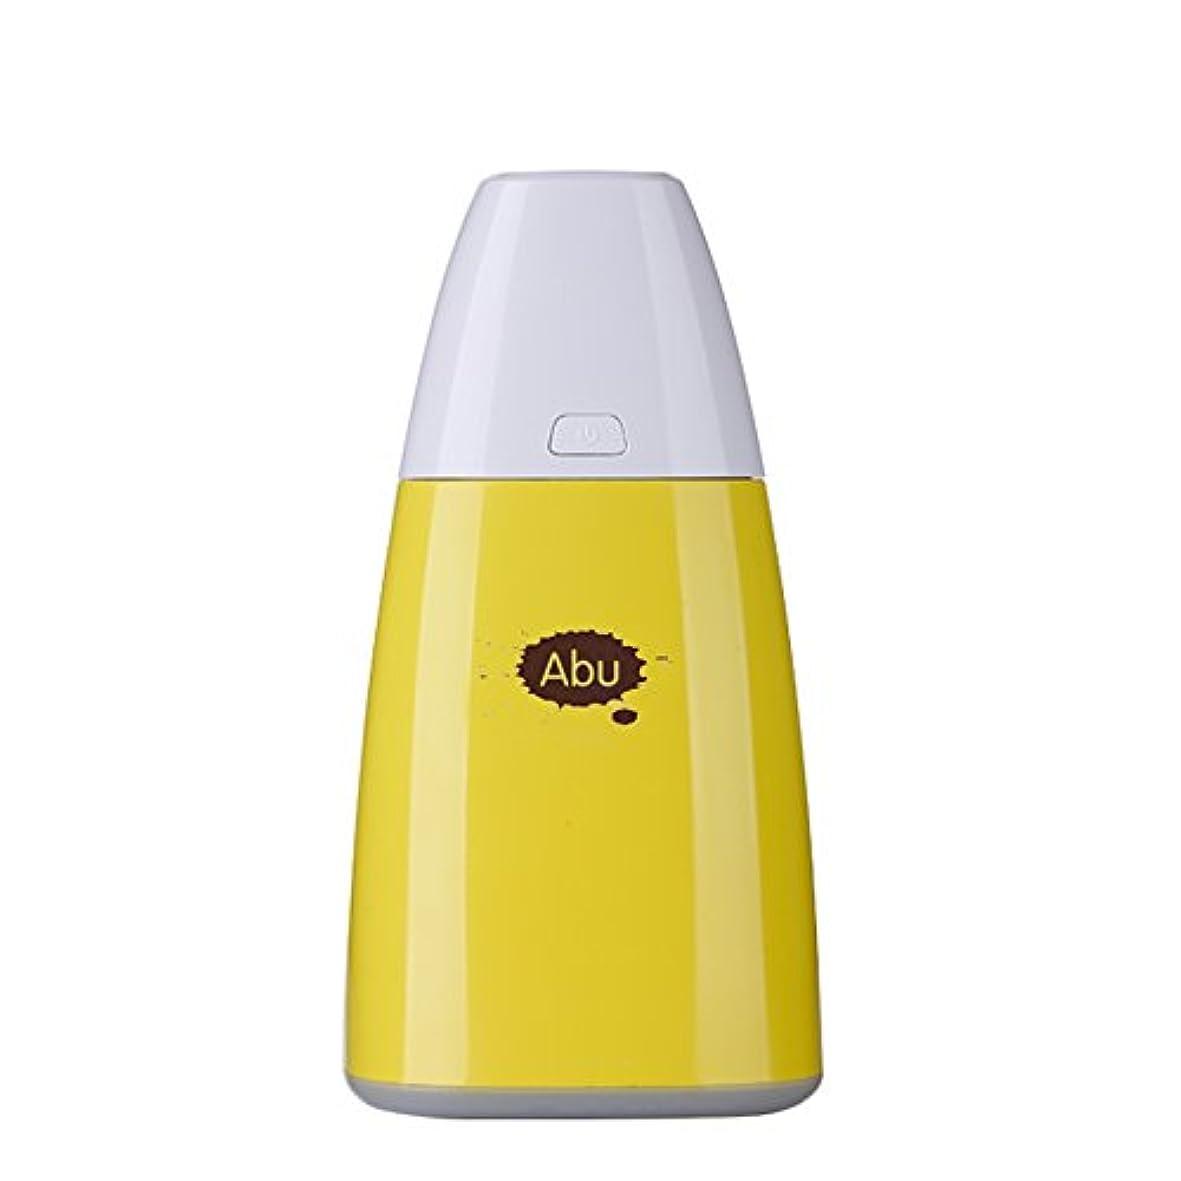 不道徳スーパー不運Rakuby 250ml USBポータブル アロマ セラピーエッセンシャルオイル ディフューザー ミニ 超音波 クールミスト加湿器 カラフル LEDライト ホームオフィス 寝室用